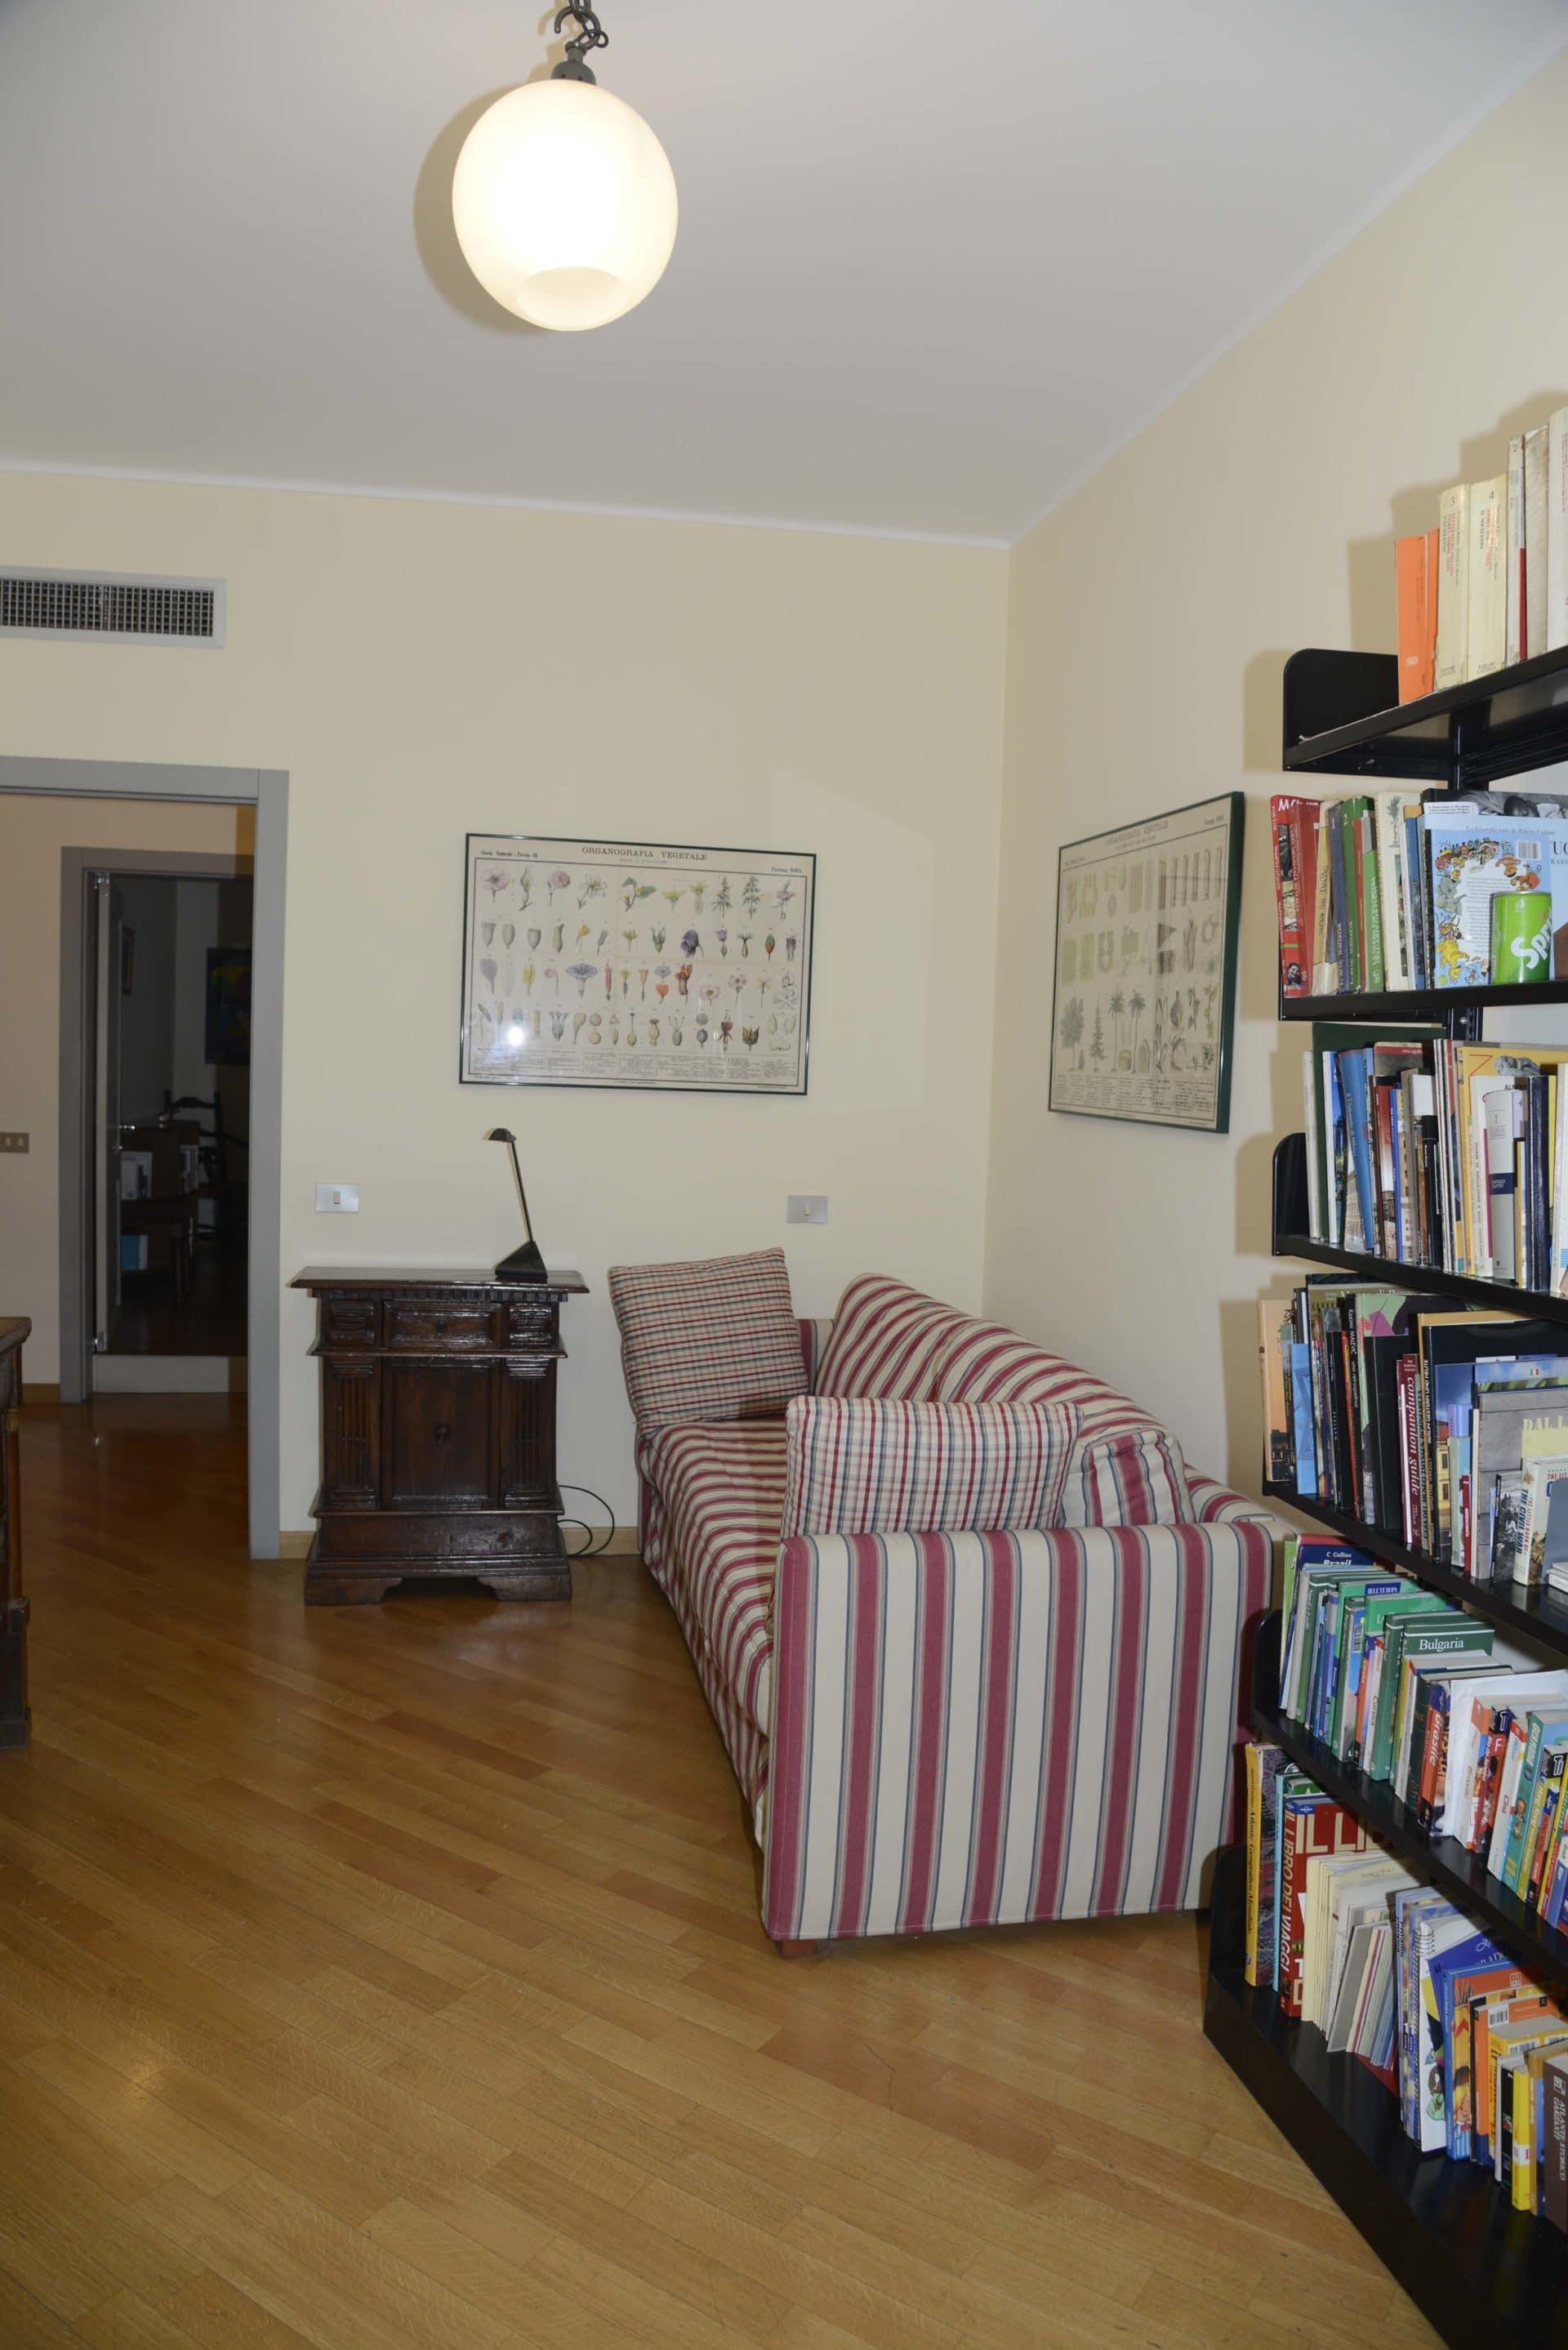 Appartamento per vacanze a Milano, Le stanze di Alice, libreria